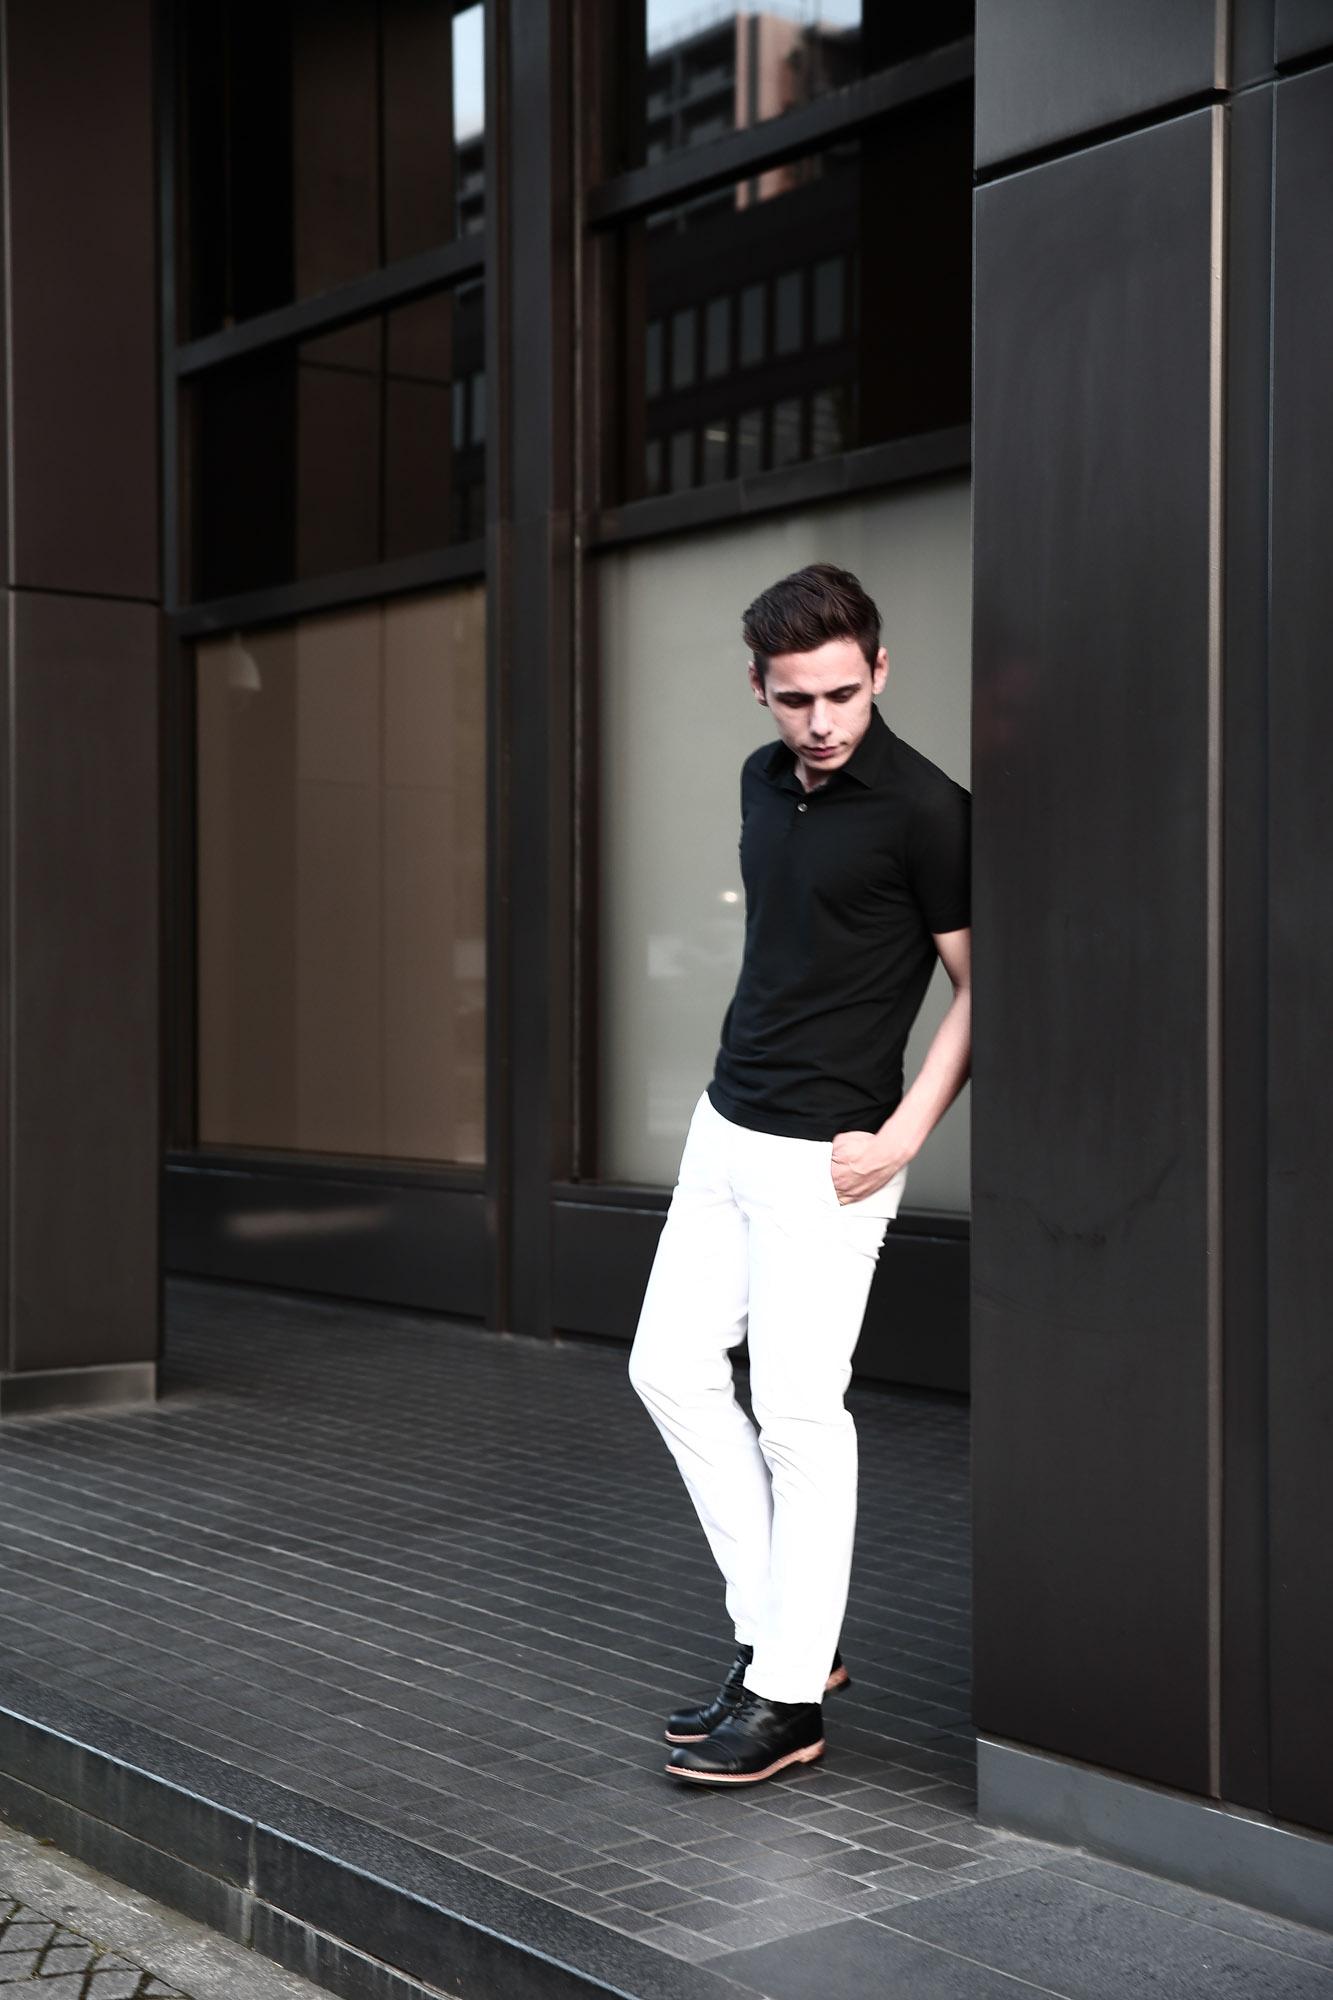 ZANONE ザノーネ 811818 Polo Shirt Ice Cotton アイスコットン ポロシャツ BLACK ブラック INCOTEX SLACKS (インコテックススラックス) 1ST603 SLIM FIT GARMENT DYED H.COMF.GABARDINE ガーメントダイ ストレッチ チノパンツ WHITE